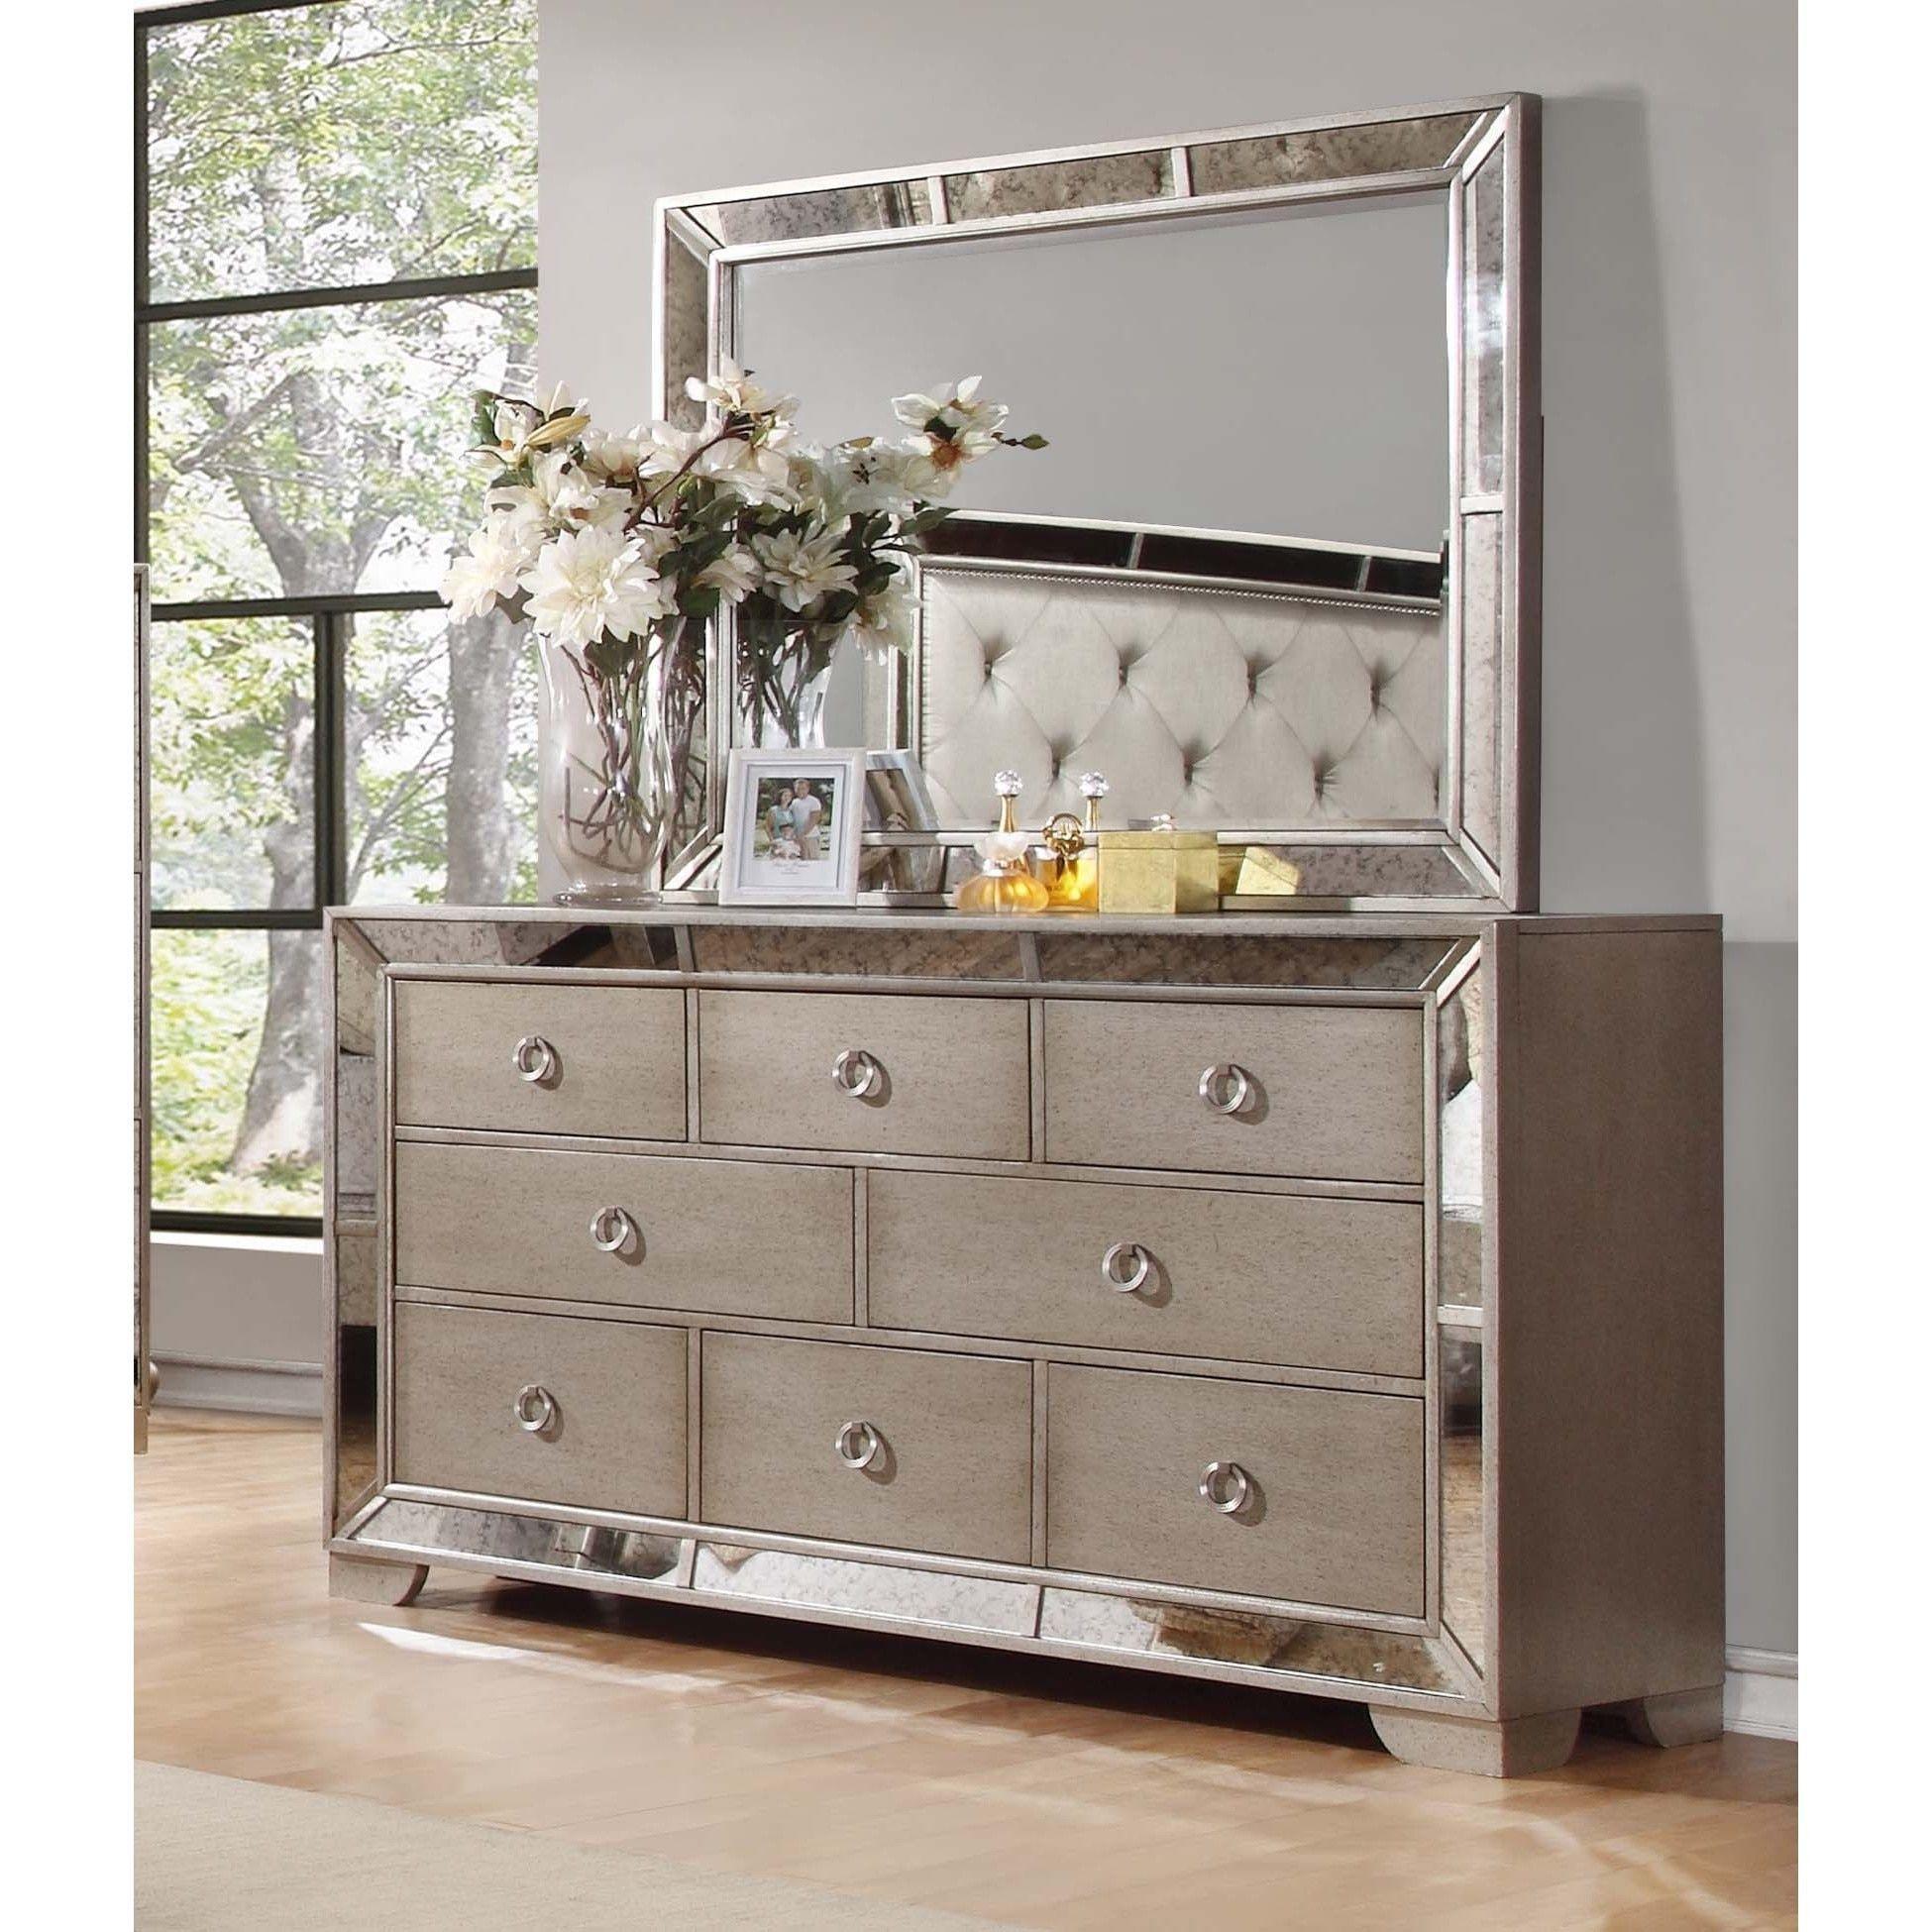 Best Master Furniture Silver Bronze Dresser And Mirror 400 x 300